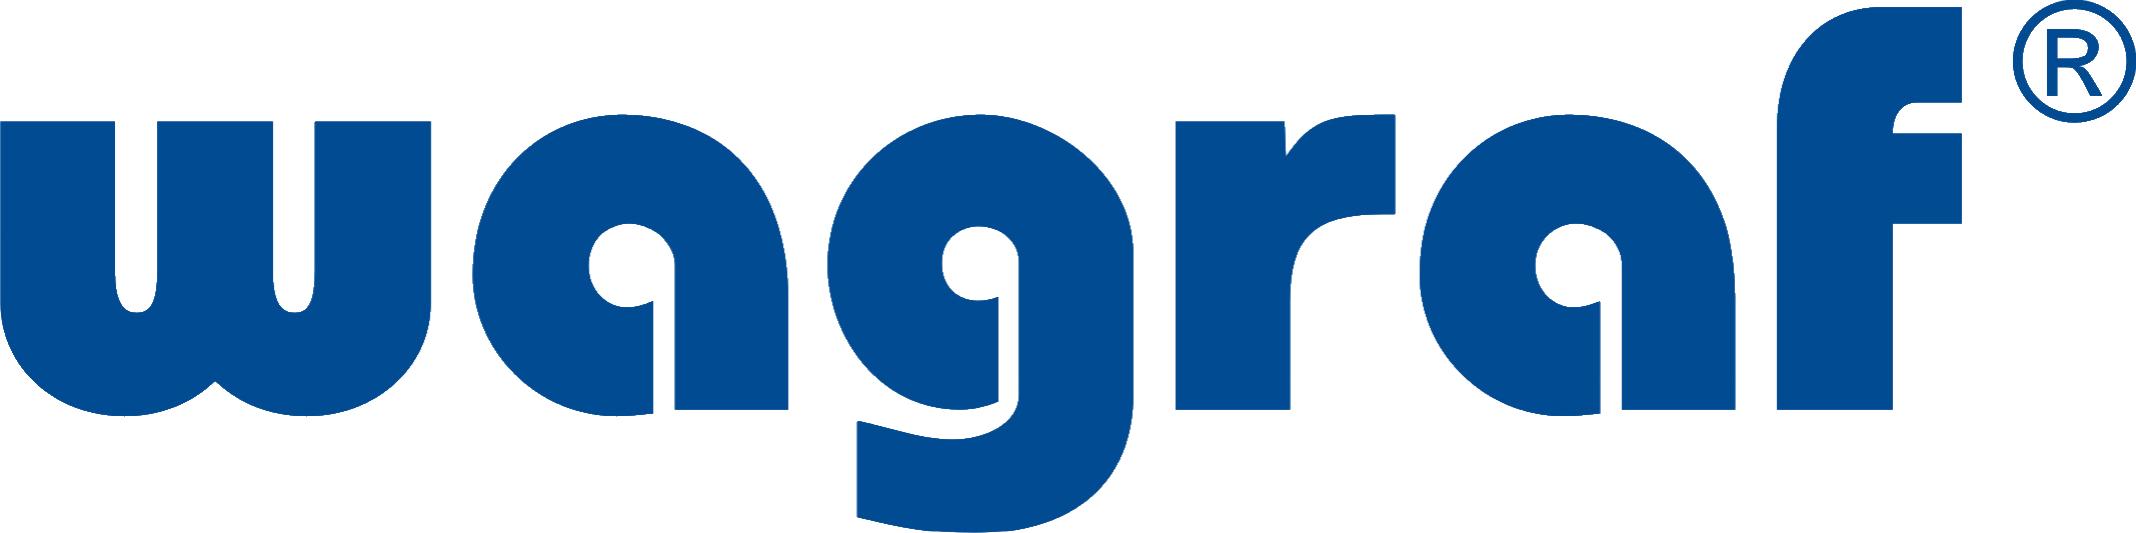 Wagraf-logo